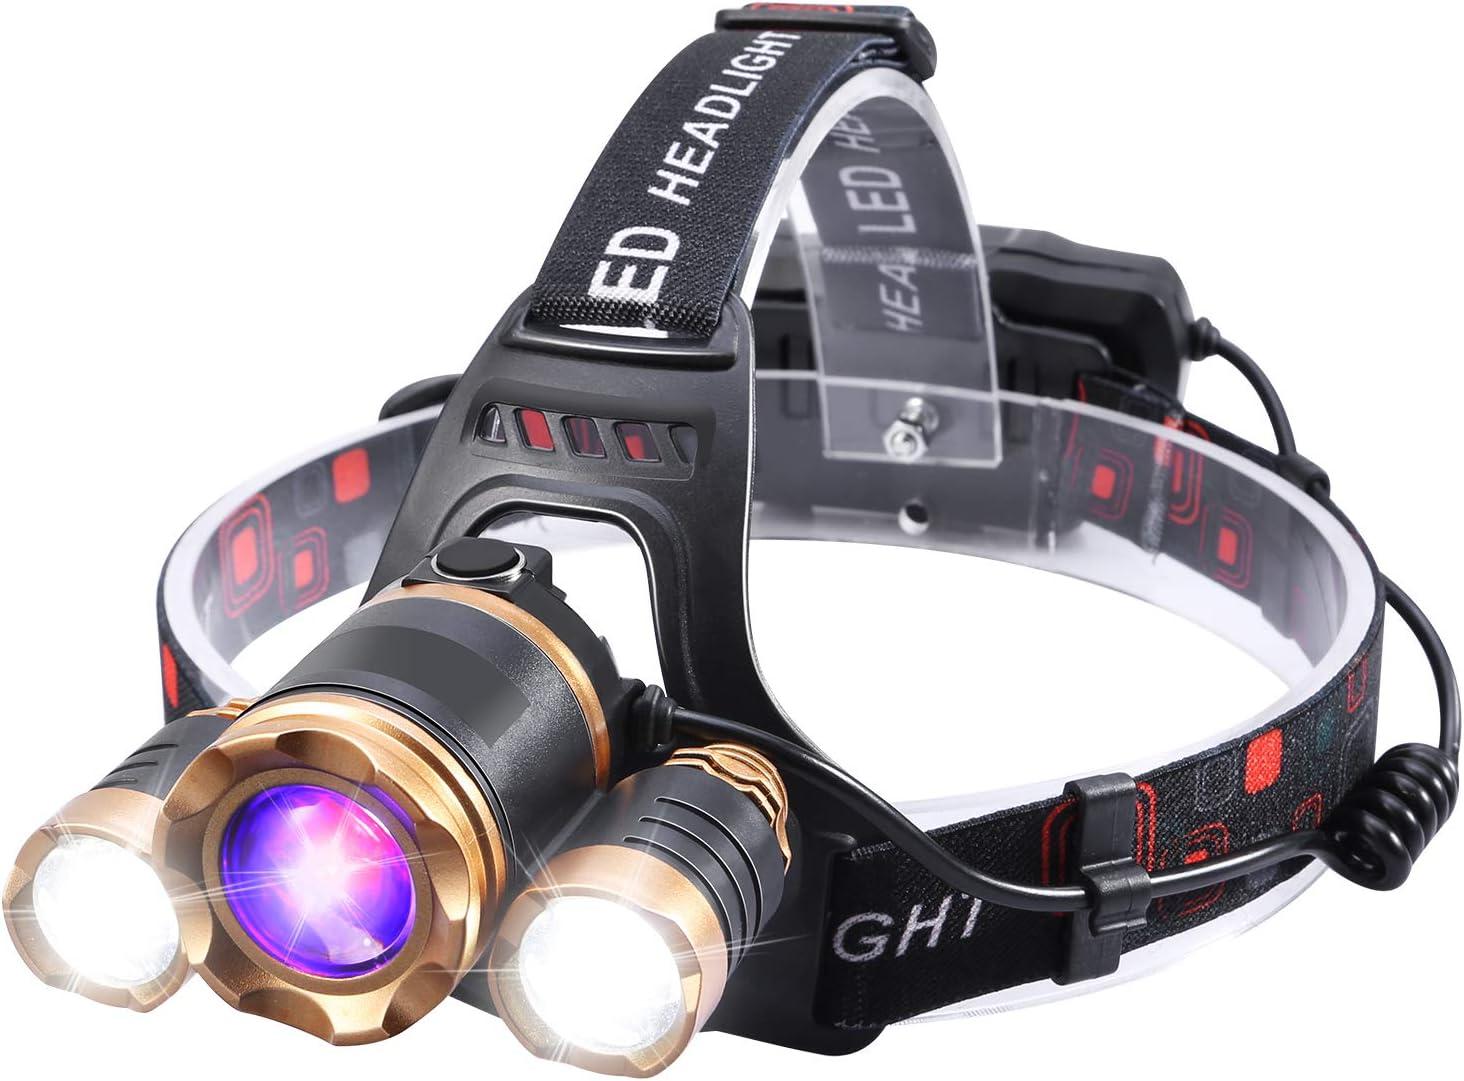 WODT Faros Delanteros Luces de Trabajo para Exteriores Faros Recargables USB para Correr Super Bright Head Torch 5000 l/úmenes Faros Delanteros LED